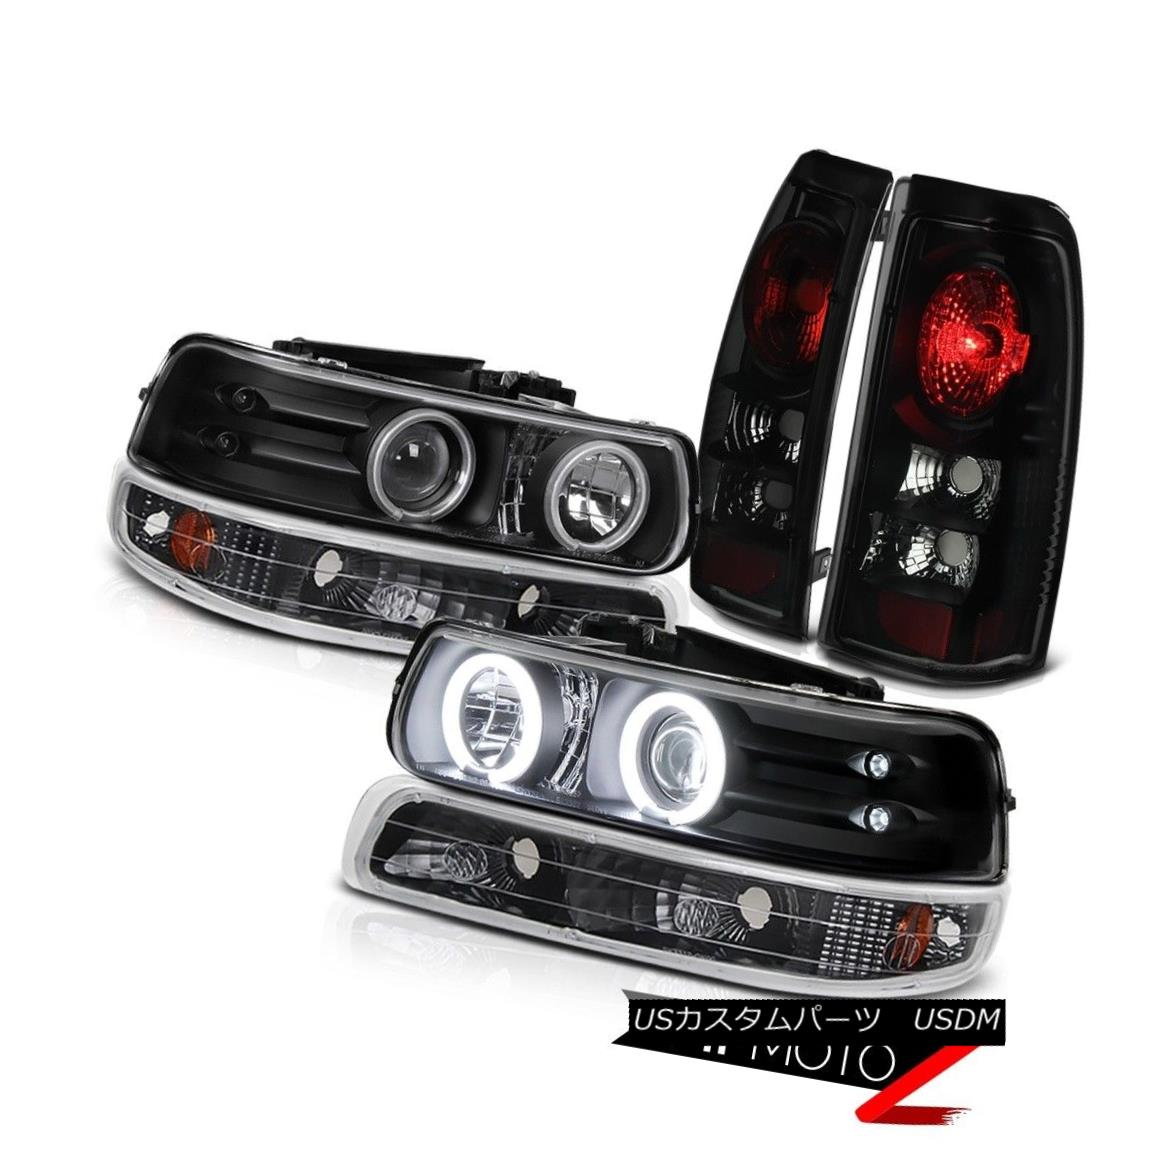 テールライト HIGHEST QUALITY Black+Smoke CCFL Halo Projector Headlight Rear Brake Light Chevy 最高品質ブラック+煙CCFLハロープロジェクターヘッドライトリアブレーキライトシェビー